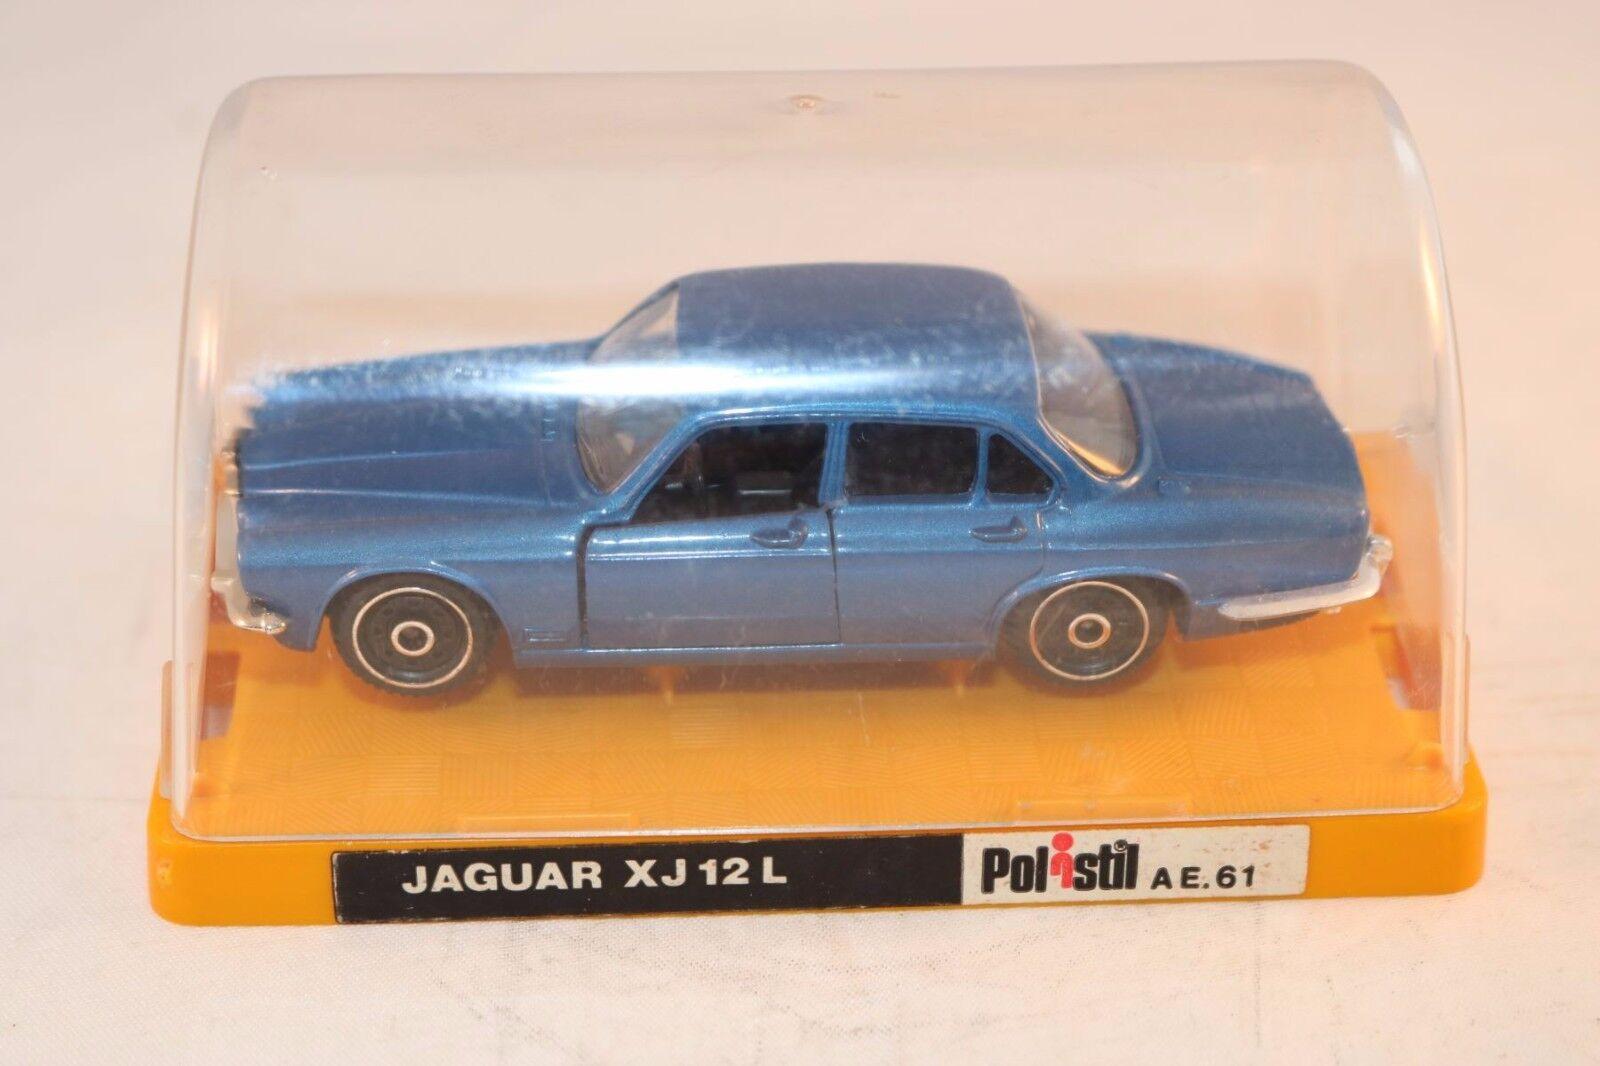 Polistil Jaguar XJ 12 L L L bluee perfect mint in box OVP Scarce 96d969